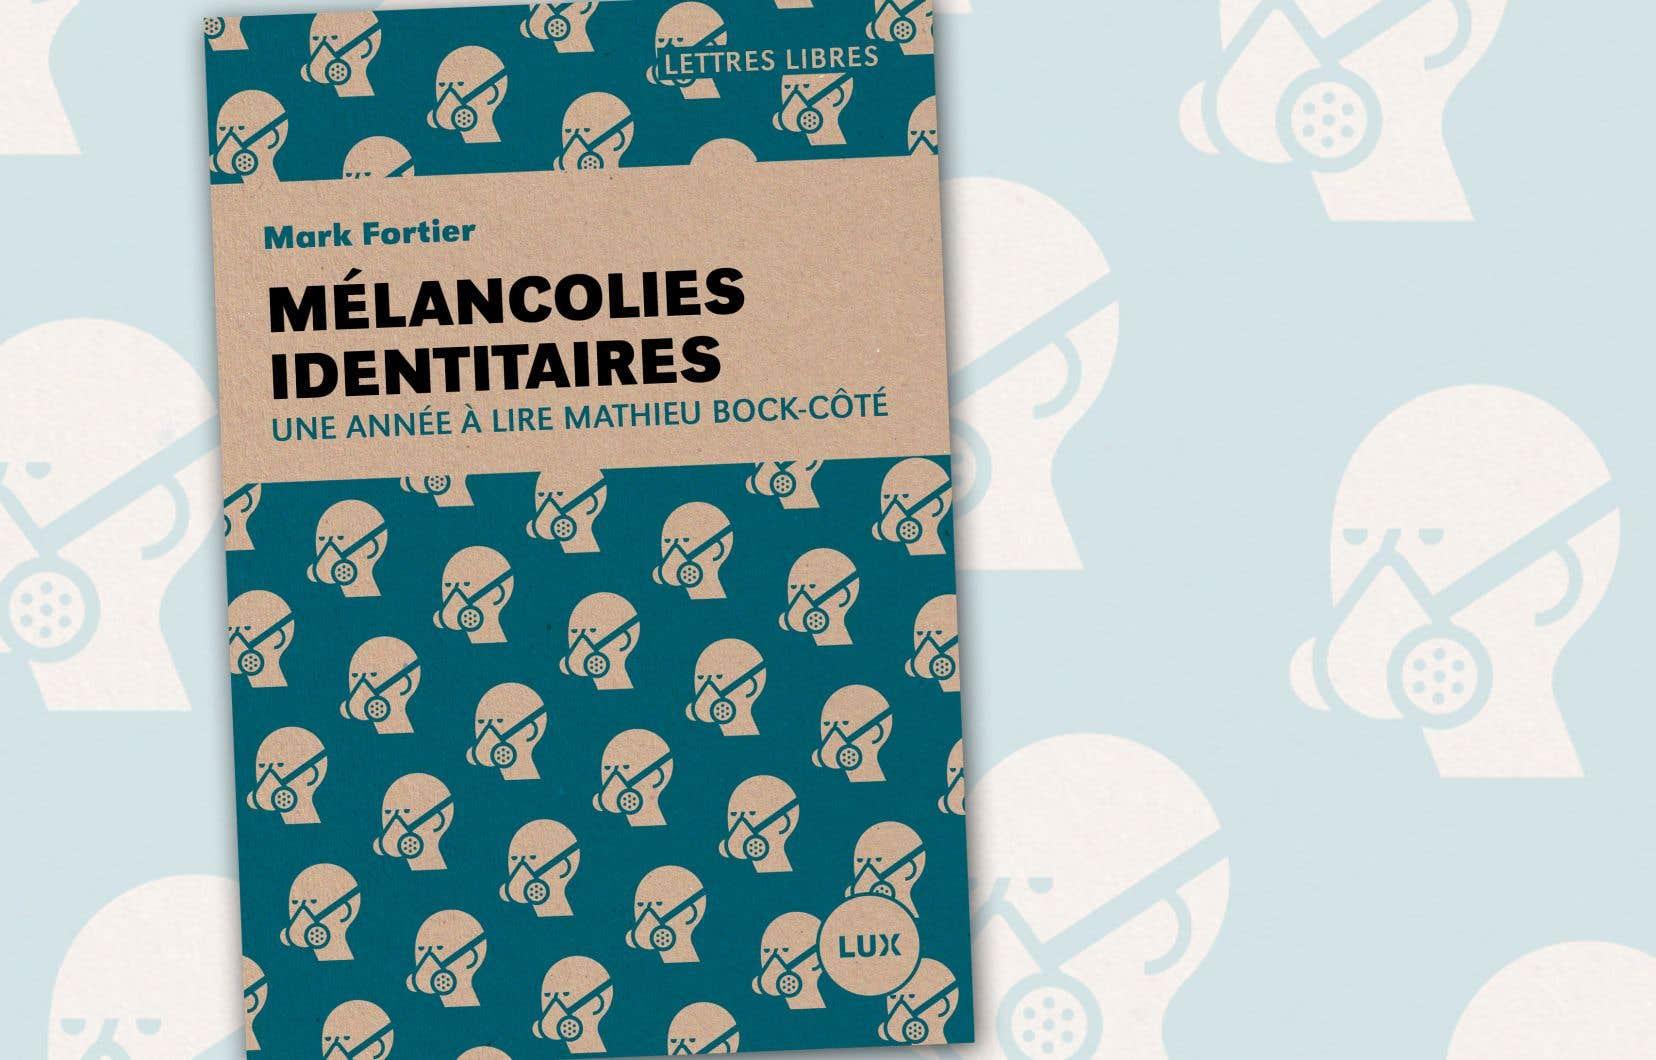 L'essai «Mélancolies identitaires: une année à lire Mathieu Bock-Côté» de Mark Fortier